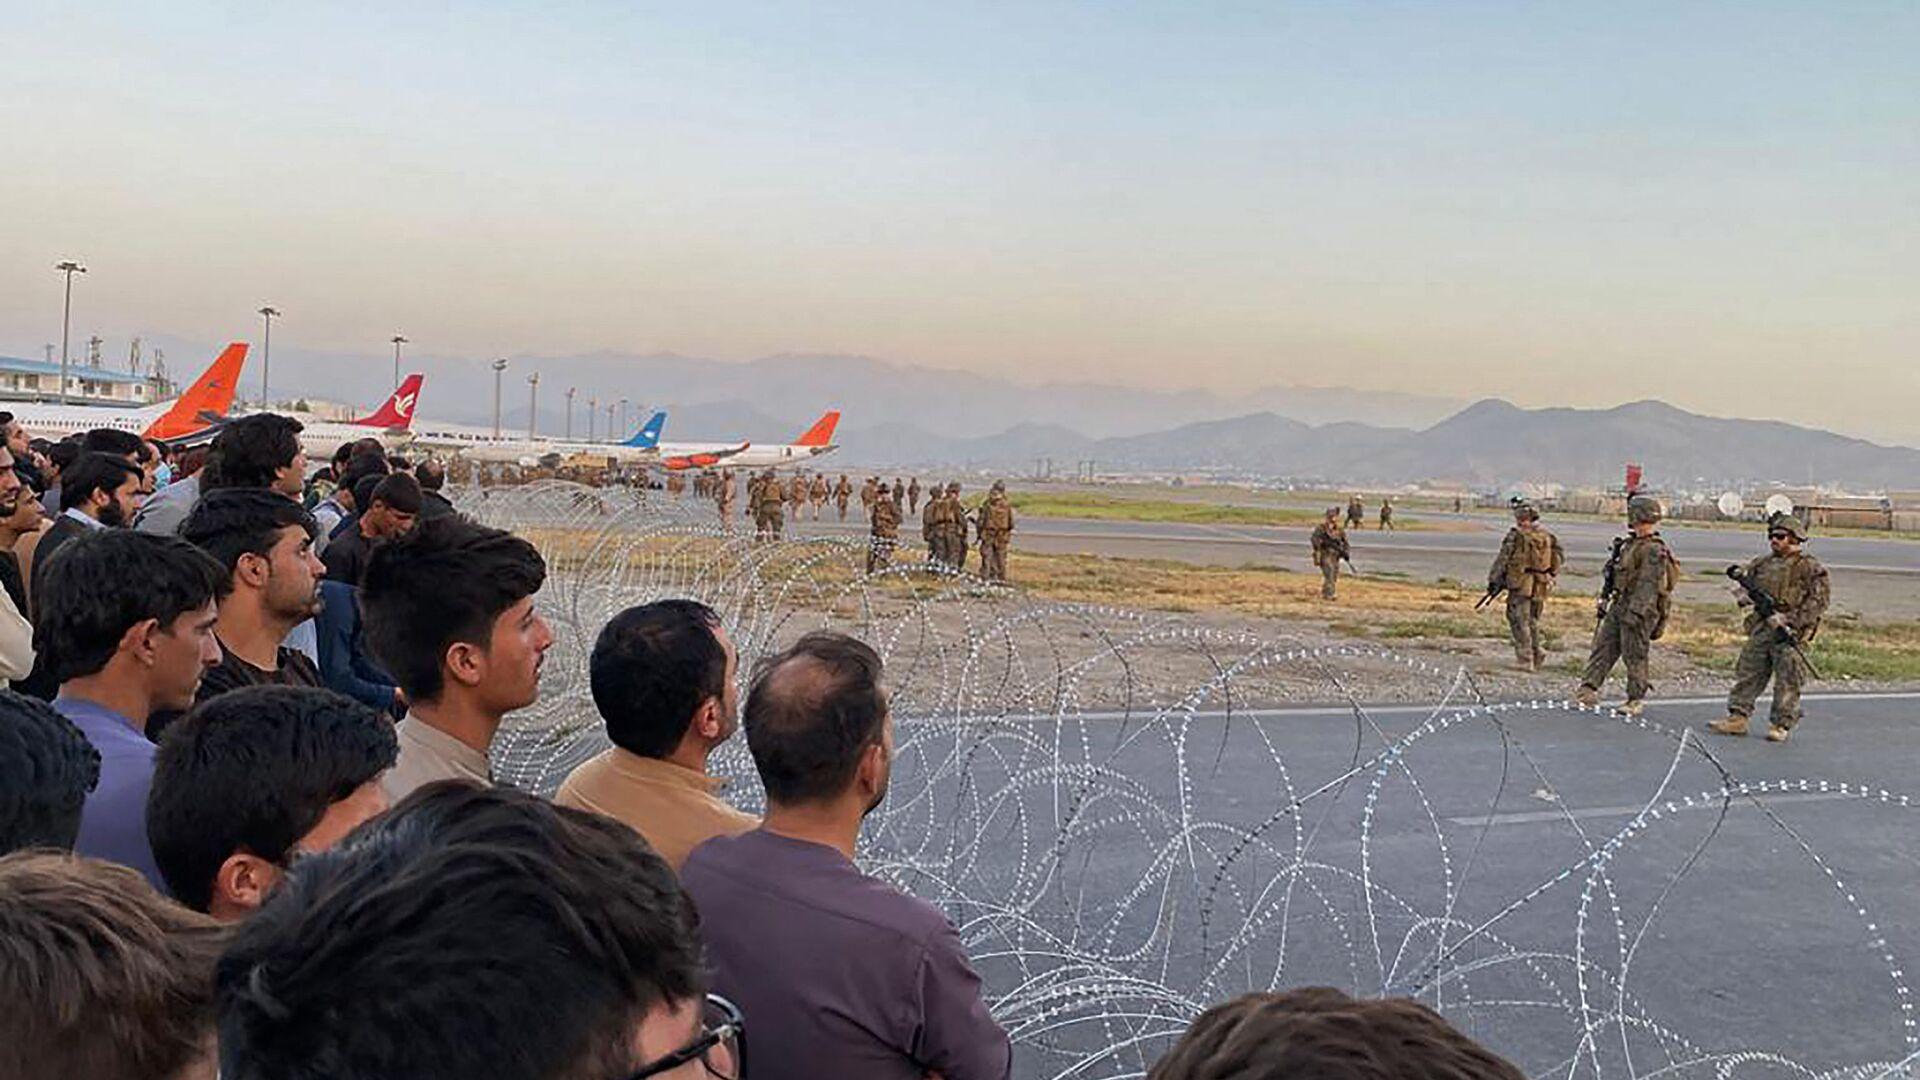 Американские солдаты в аэропорту Кабула  - Sputnik Italia, 1920, 17.08.2021